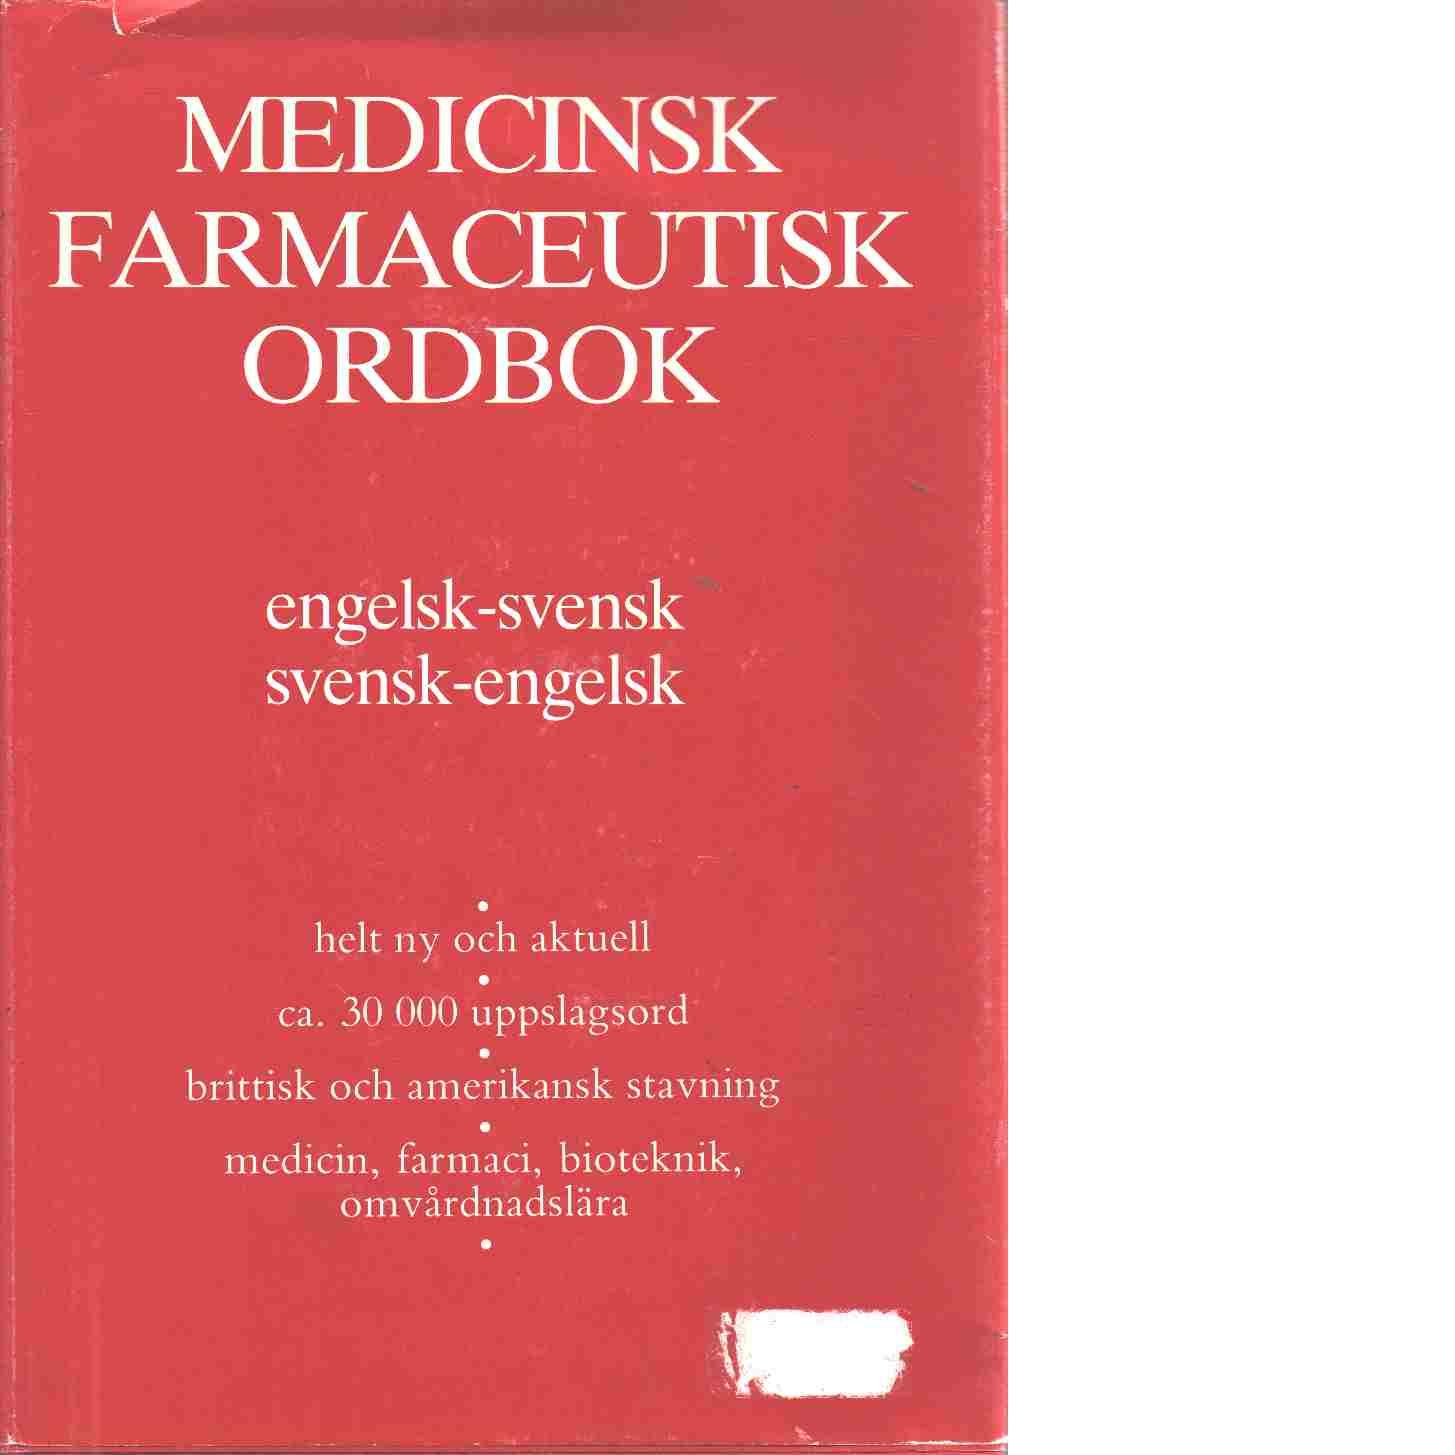 Medicinsk farmaceutisk ordbok : engelsk-svensk, svensk-engelsk - Cressy, Clive K. R.,